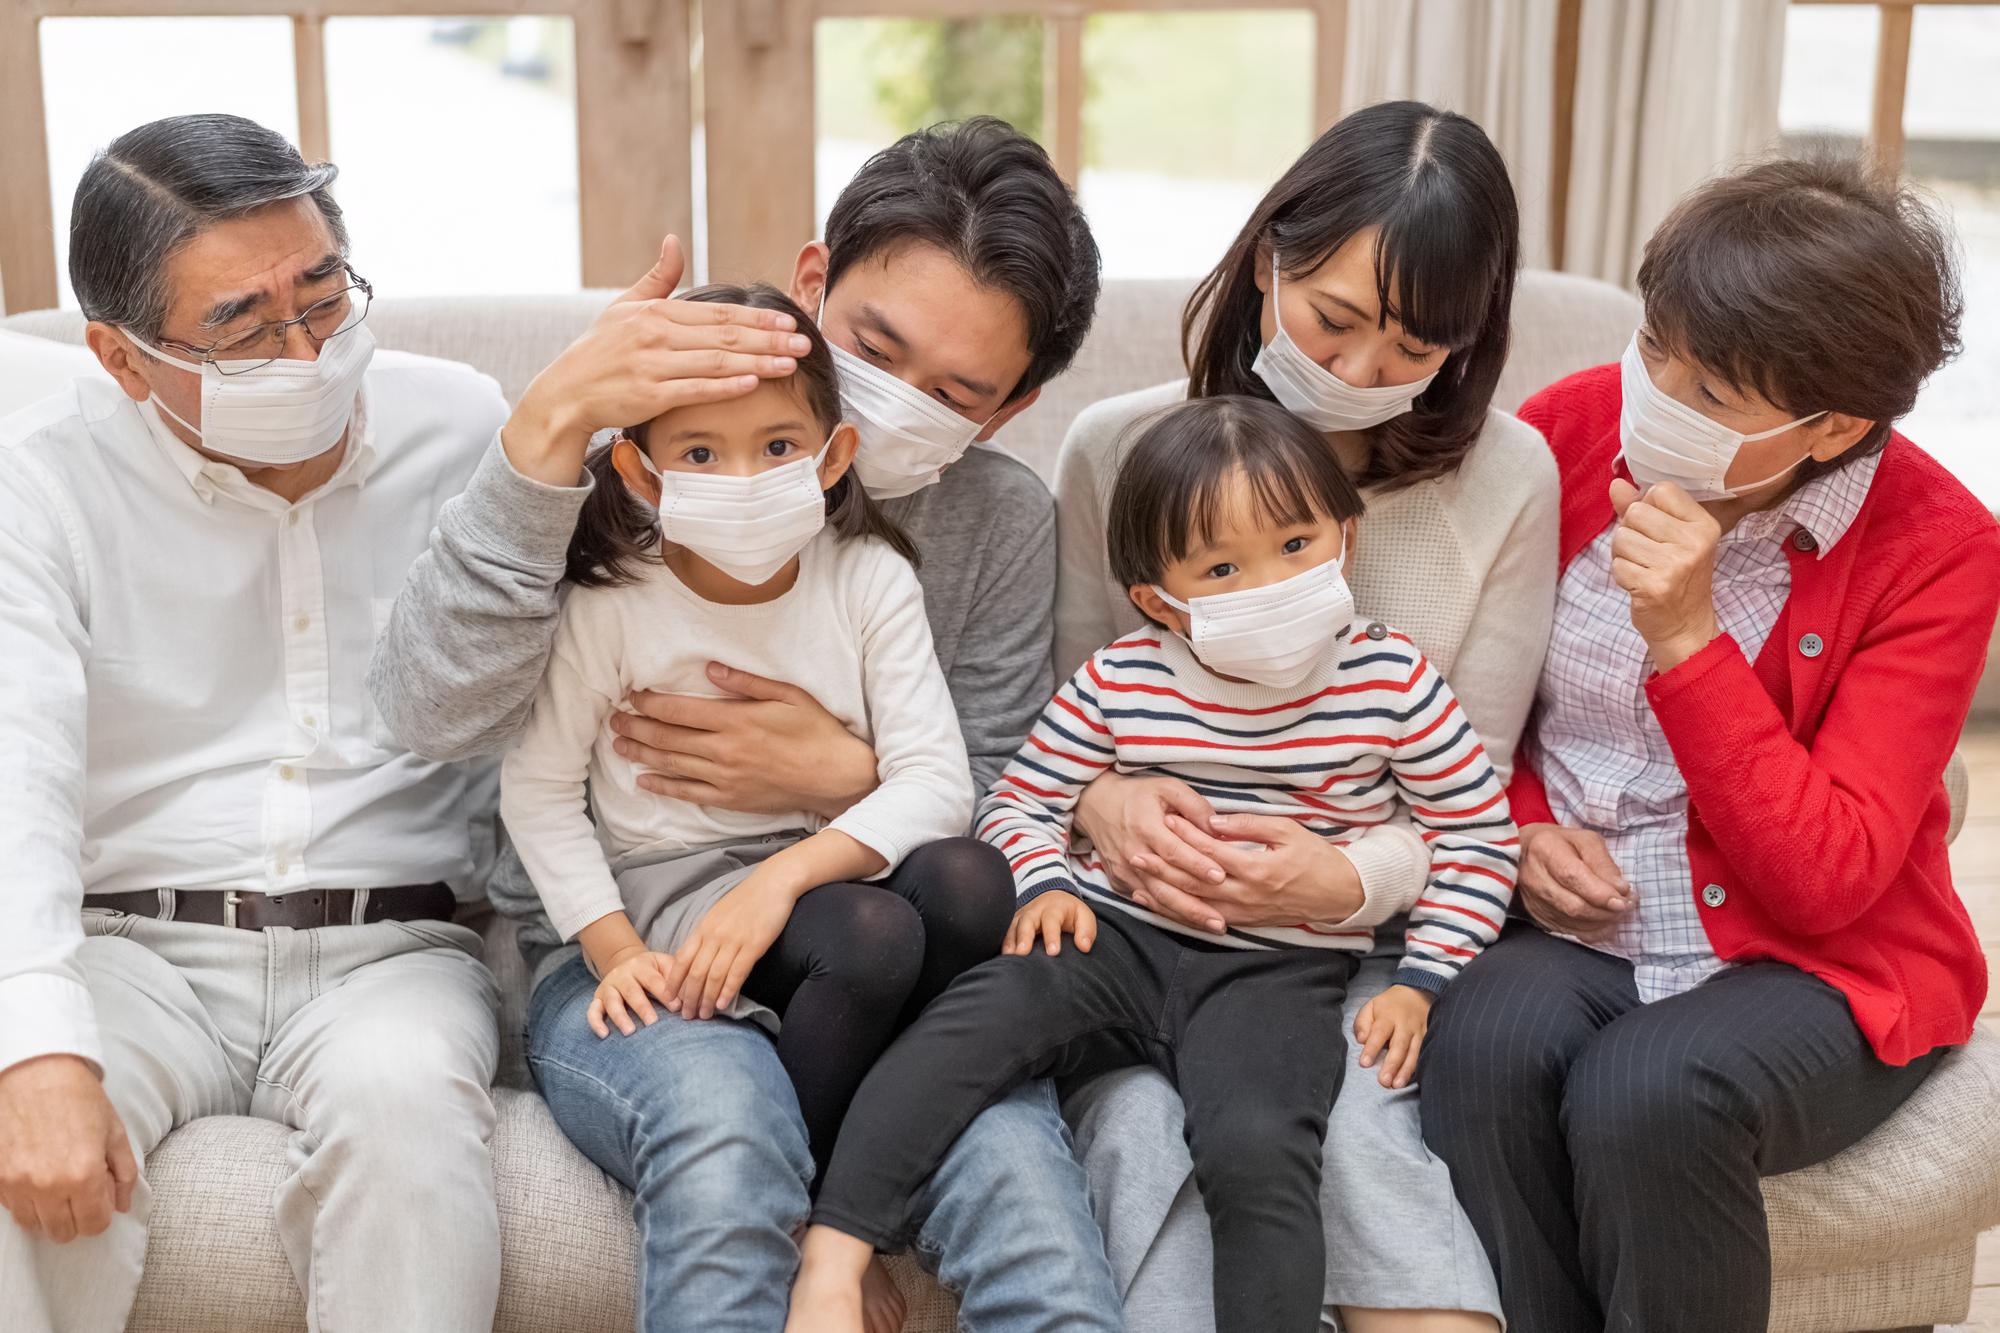 ノロウイルスは空気感染する? その原因と予防策について